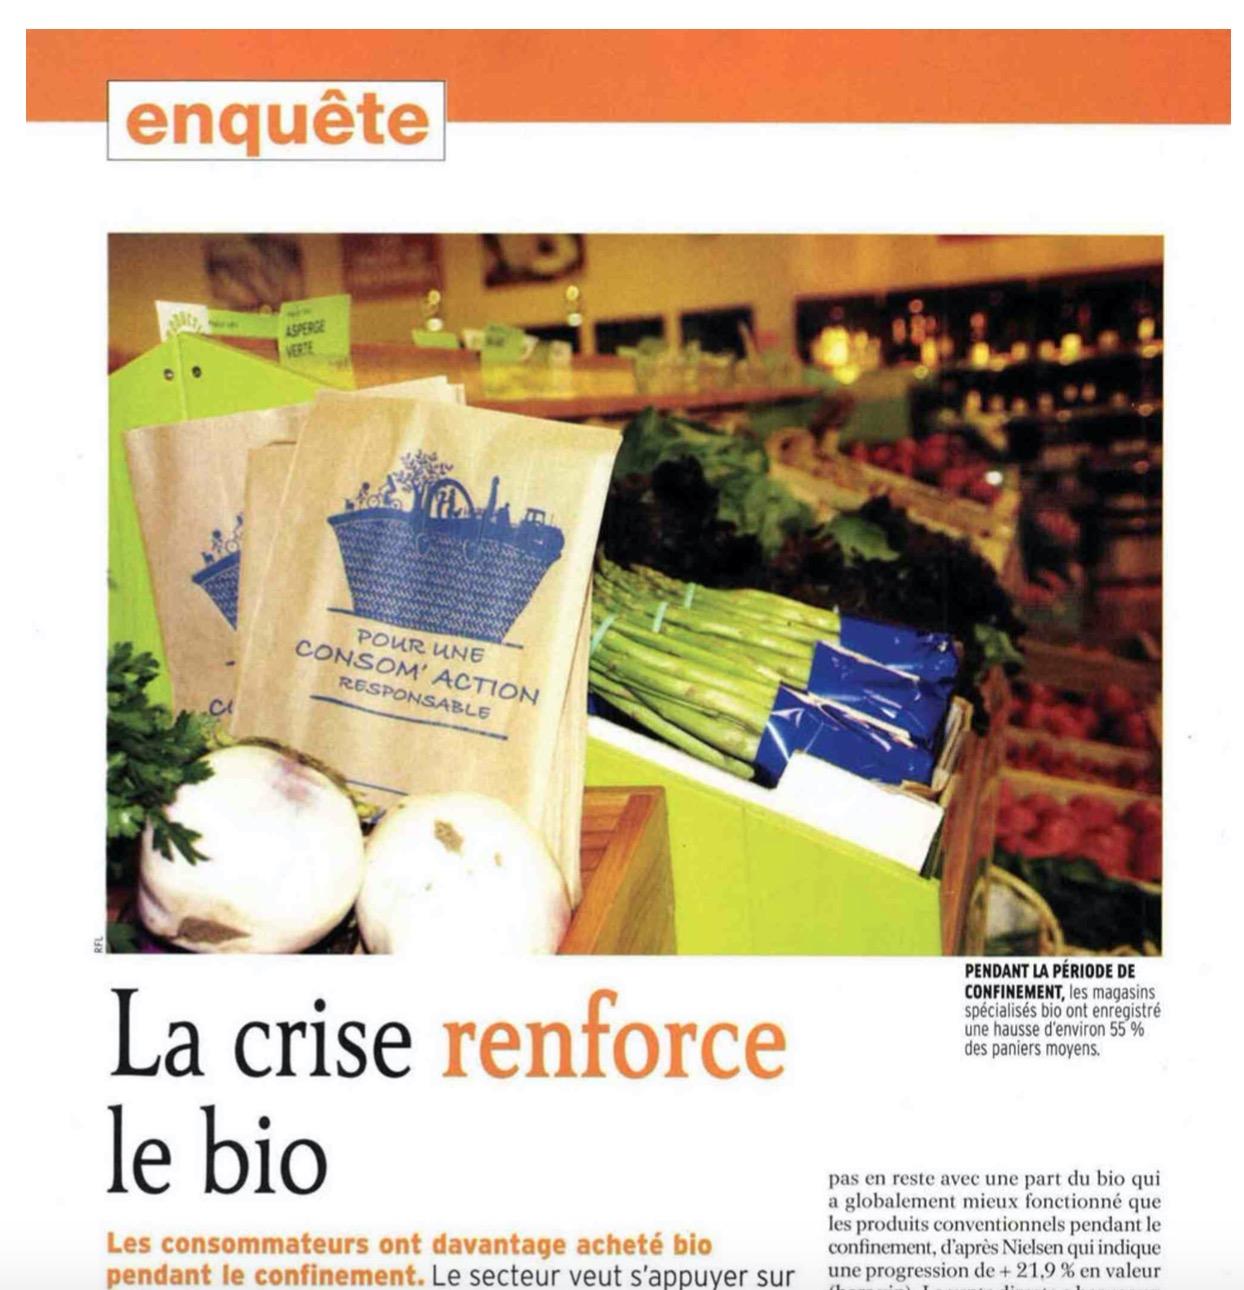 """Capture d'ecran 2020 07 29 a 13.48.24 - Intervention dans le dossier """"La crise renforce le bio"""" du magazine Réussir Fruits et Légumes"""